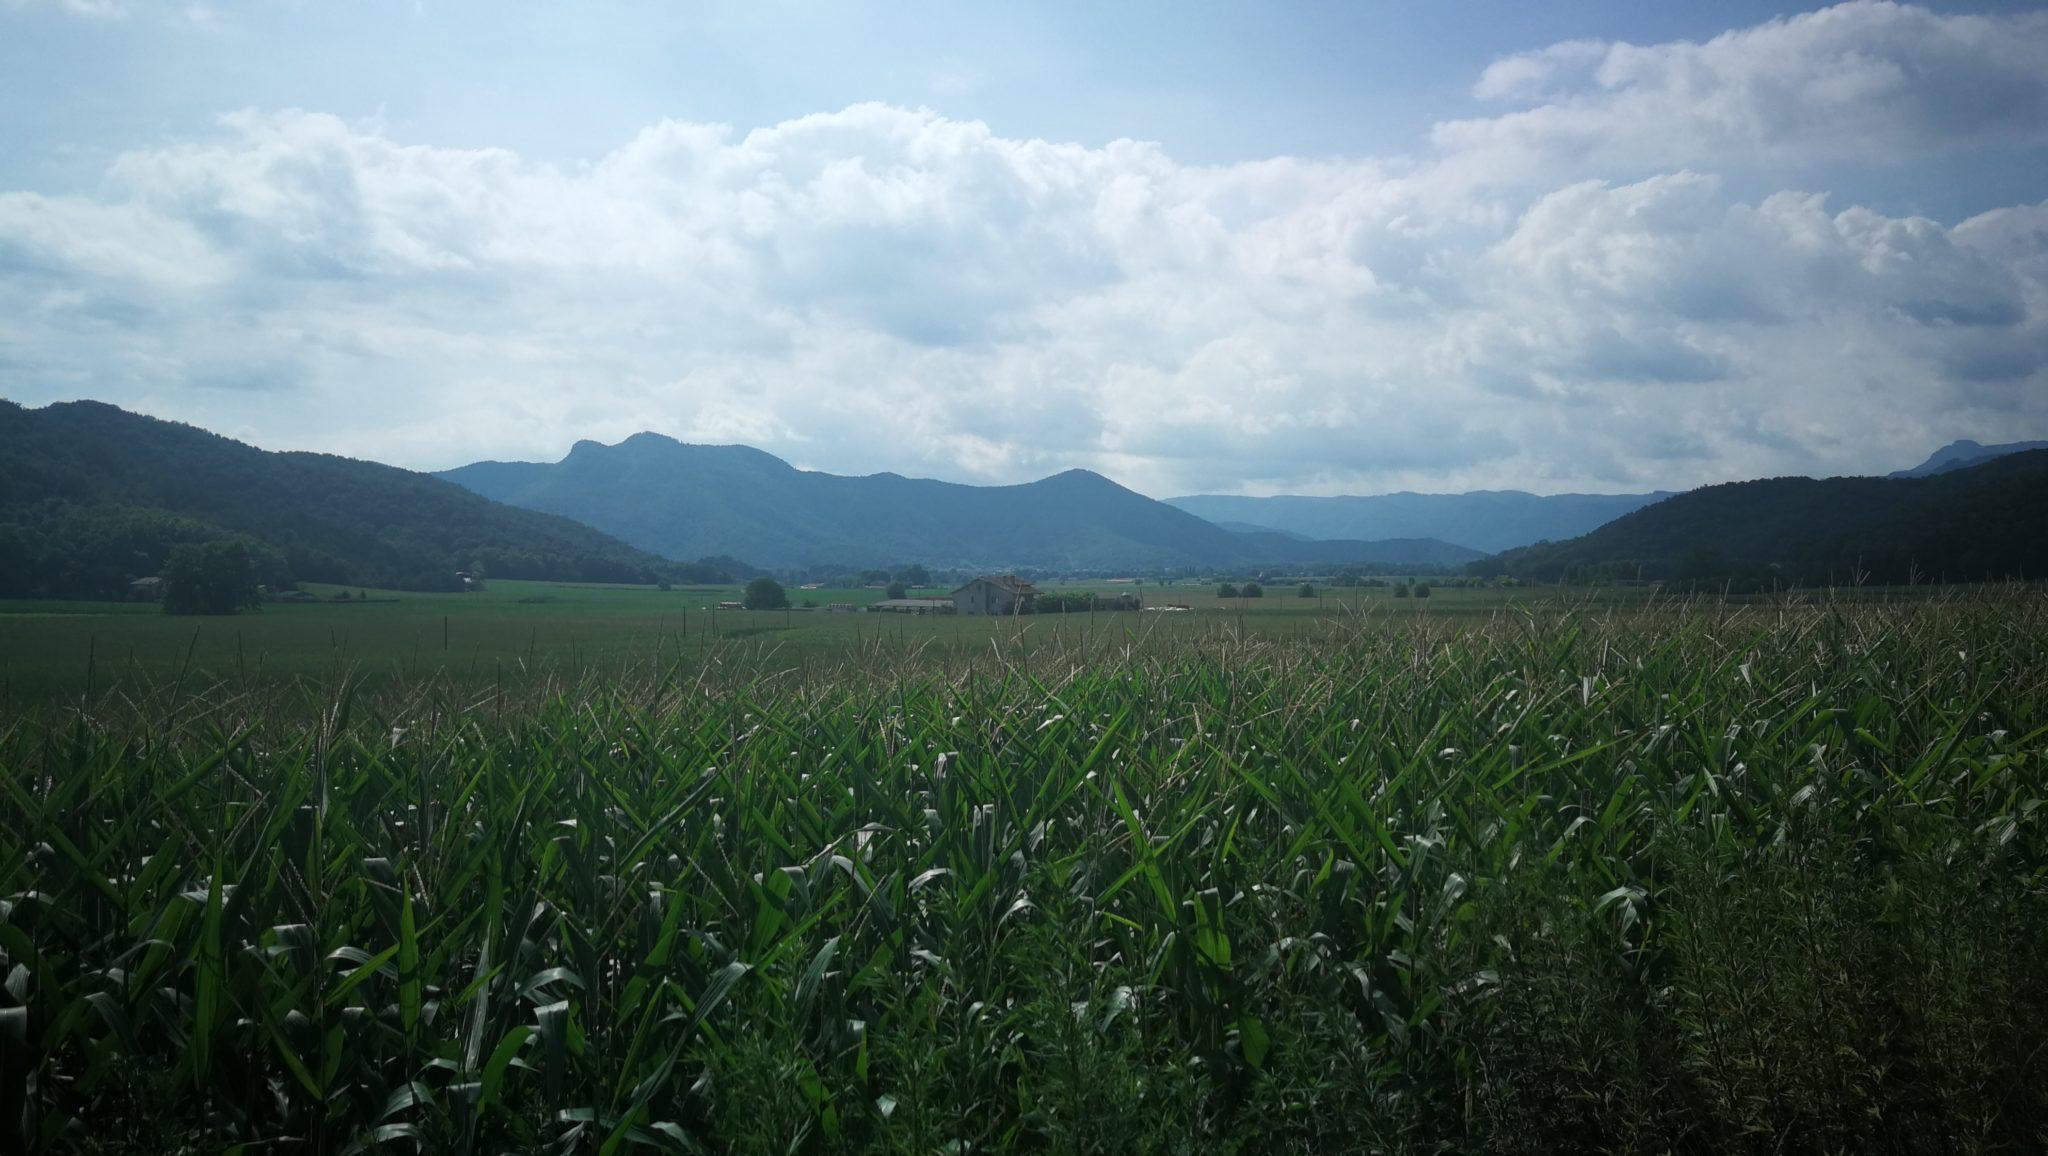 Ruta Olot -Serra de Sant Valentí de la Pinya - Carrilet